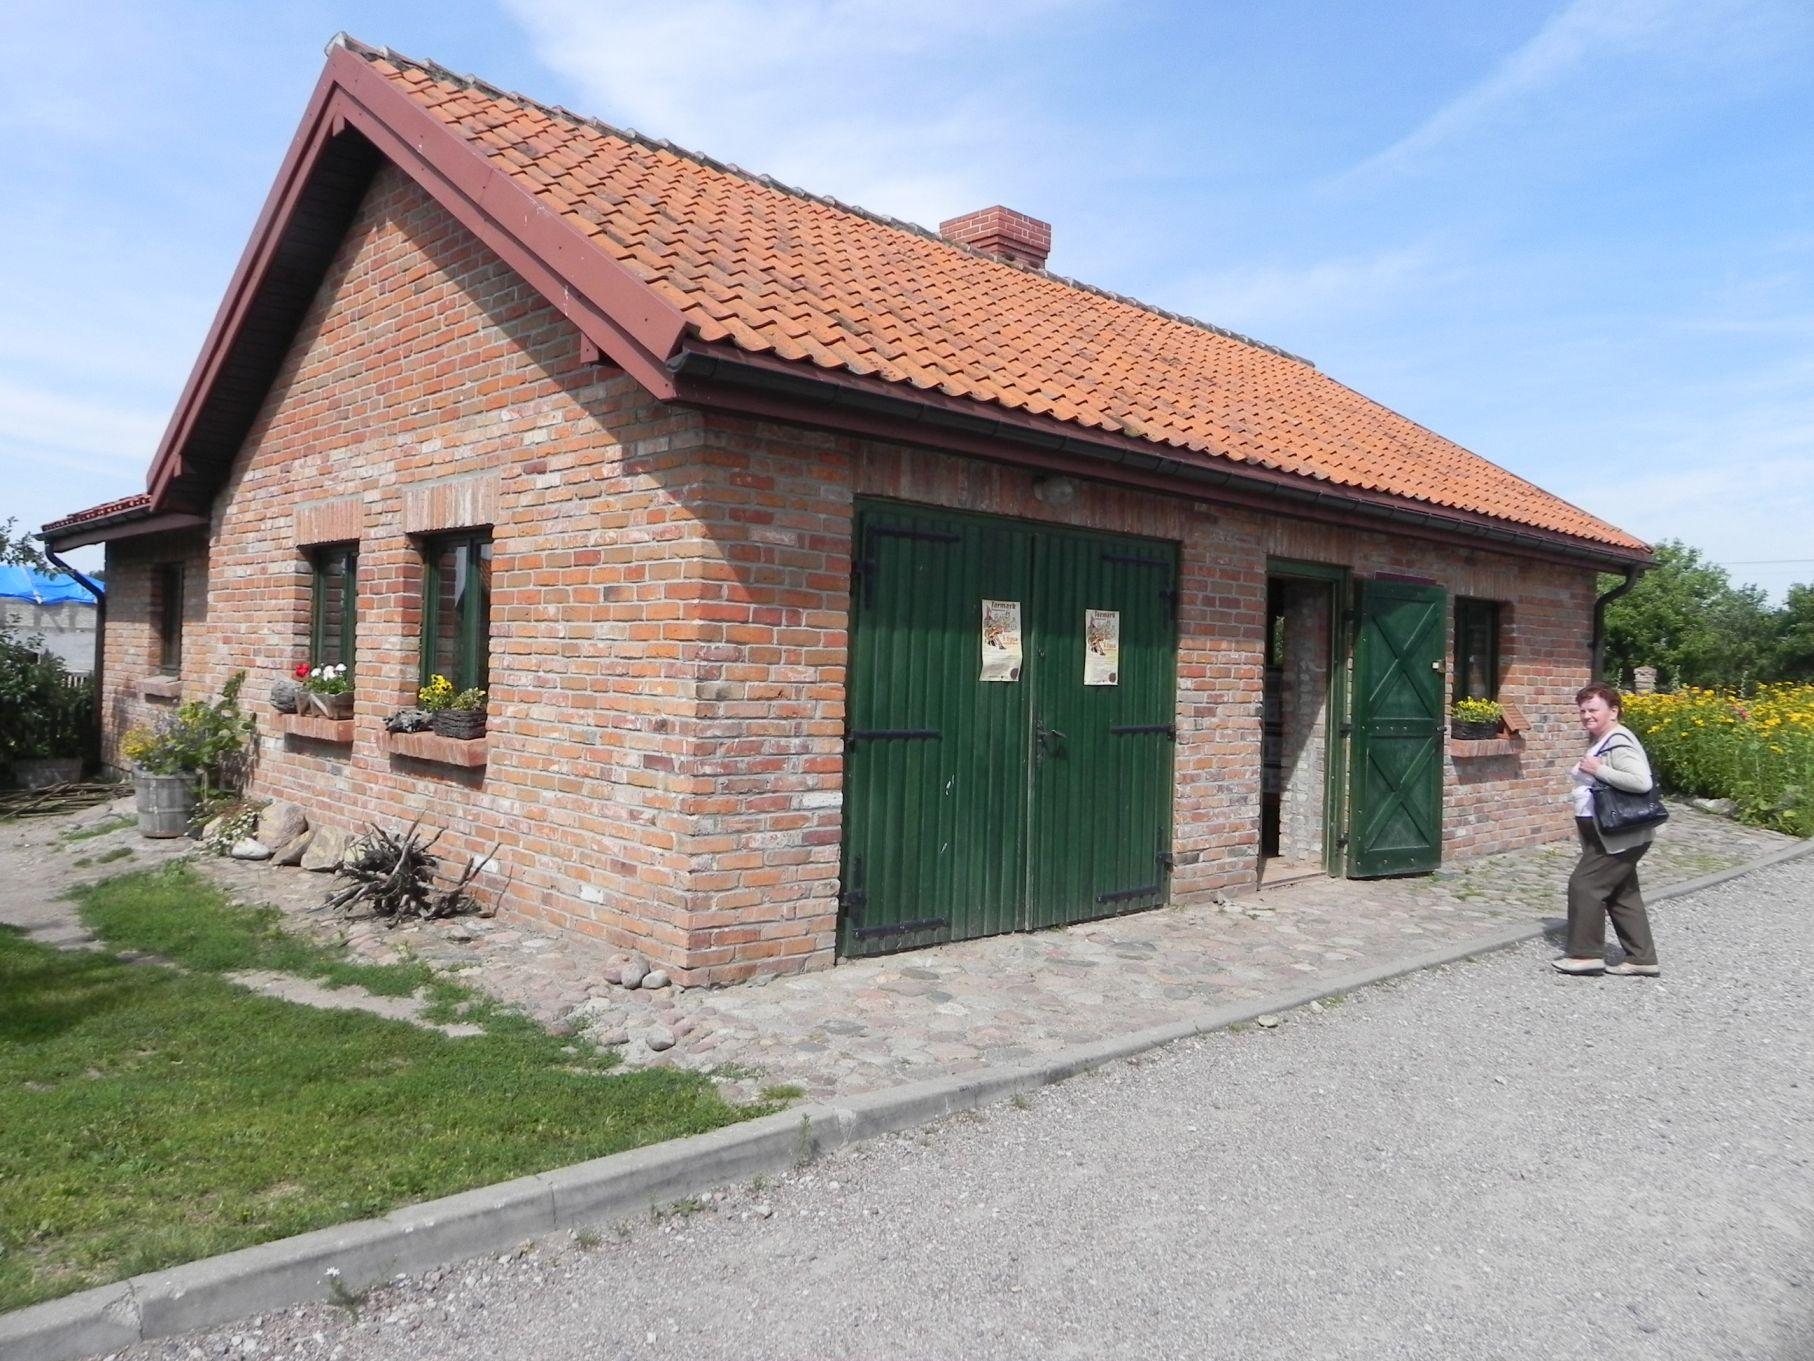 Kamionka - wioski tematyczne (4)